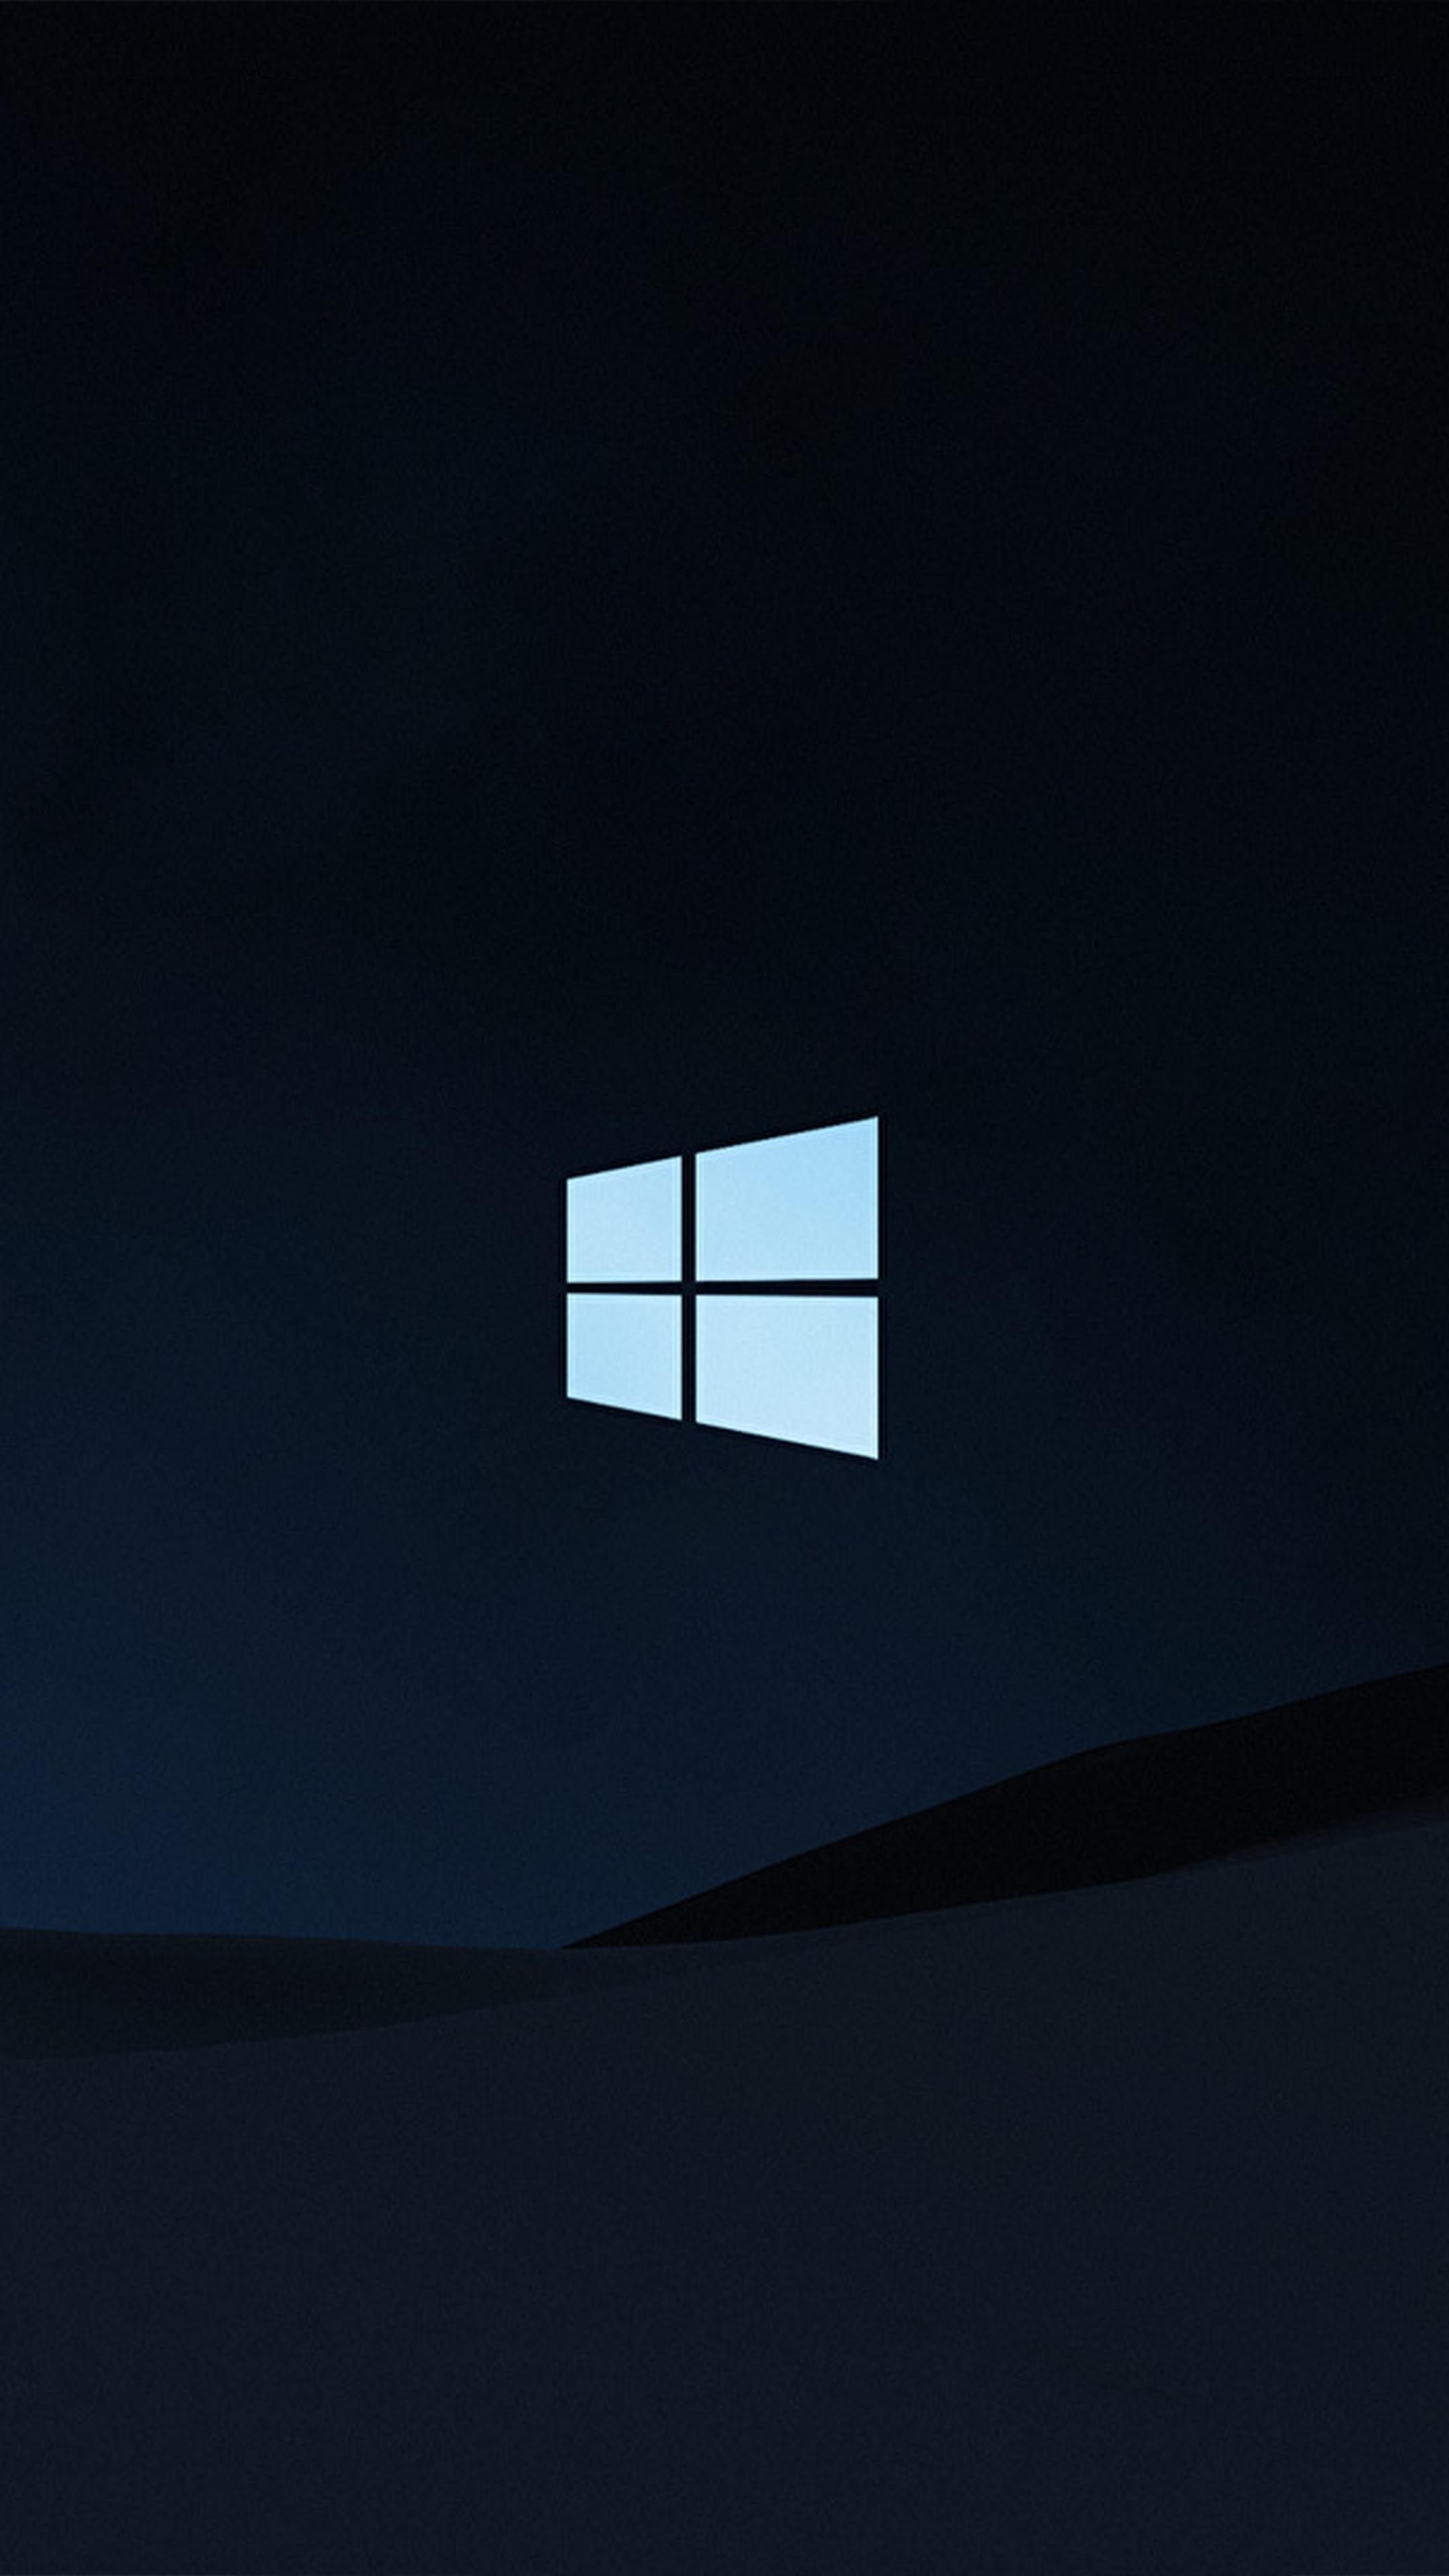 Carta Da Parati Di Windows 10 Logo Sfondo Scuro Libero 4k Ultra Hd Mobile In 2020 Dark Backgrounds Mobile Wallpaper Windows 10 Logo